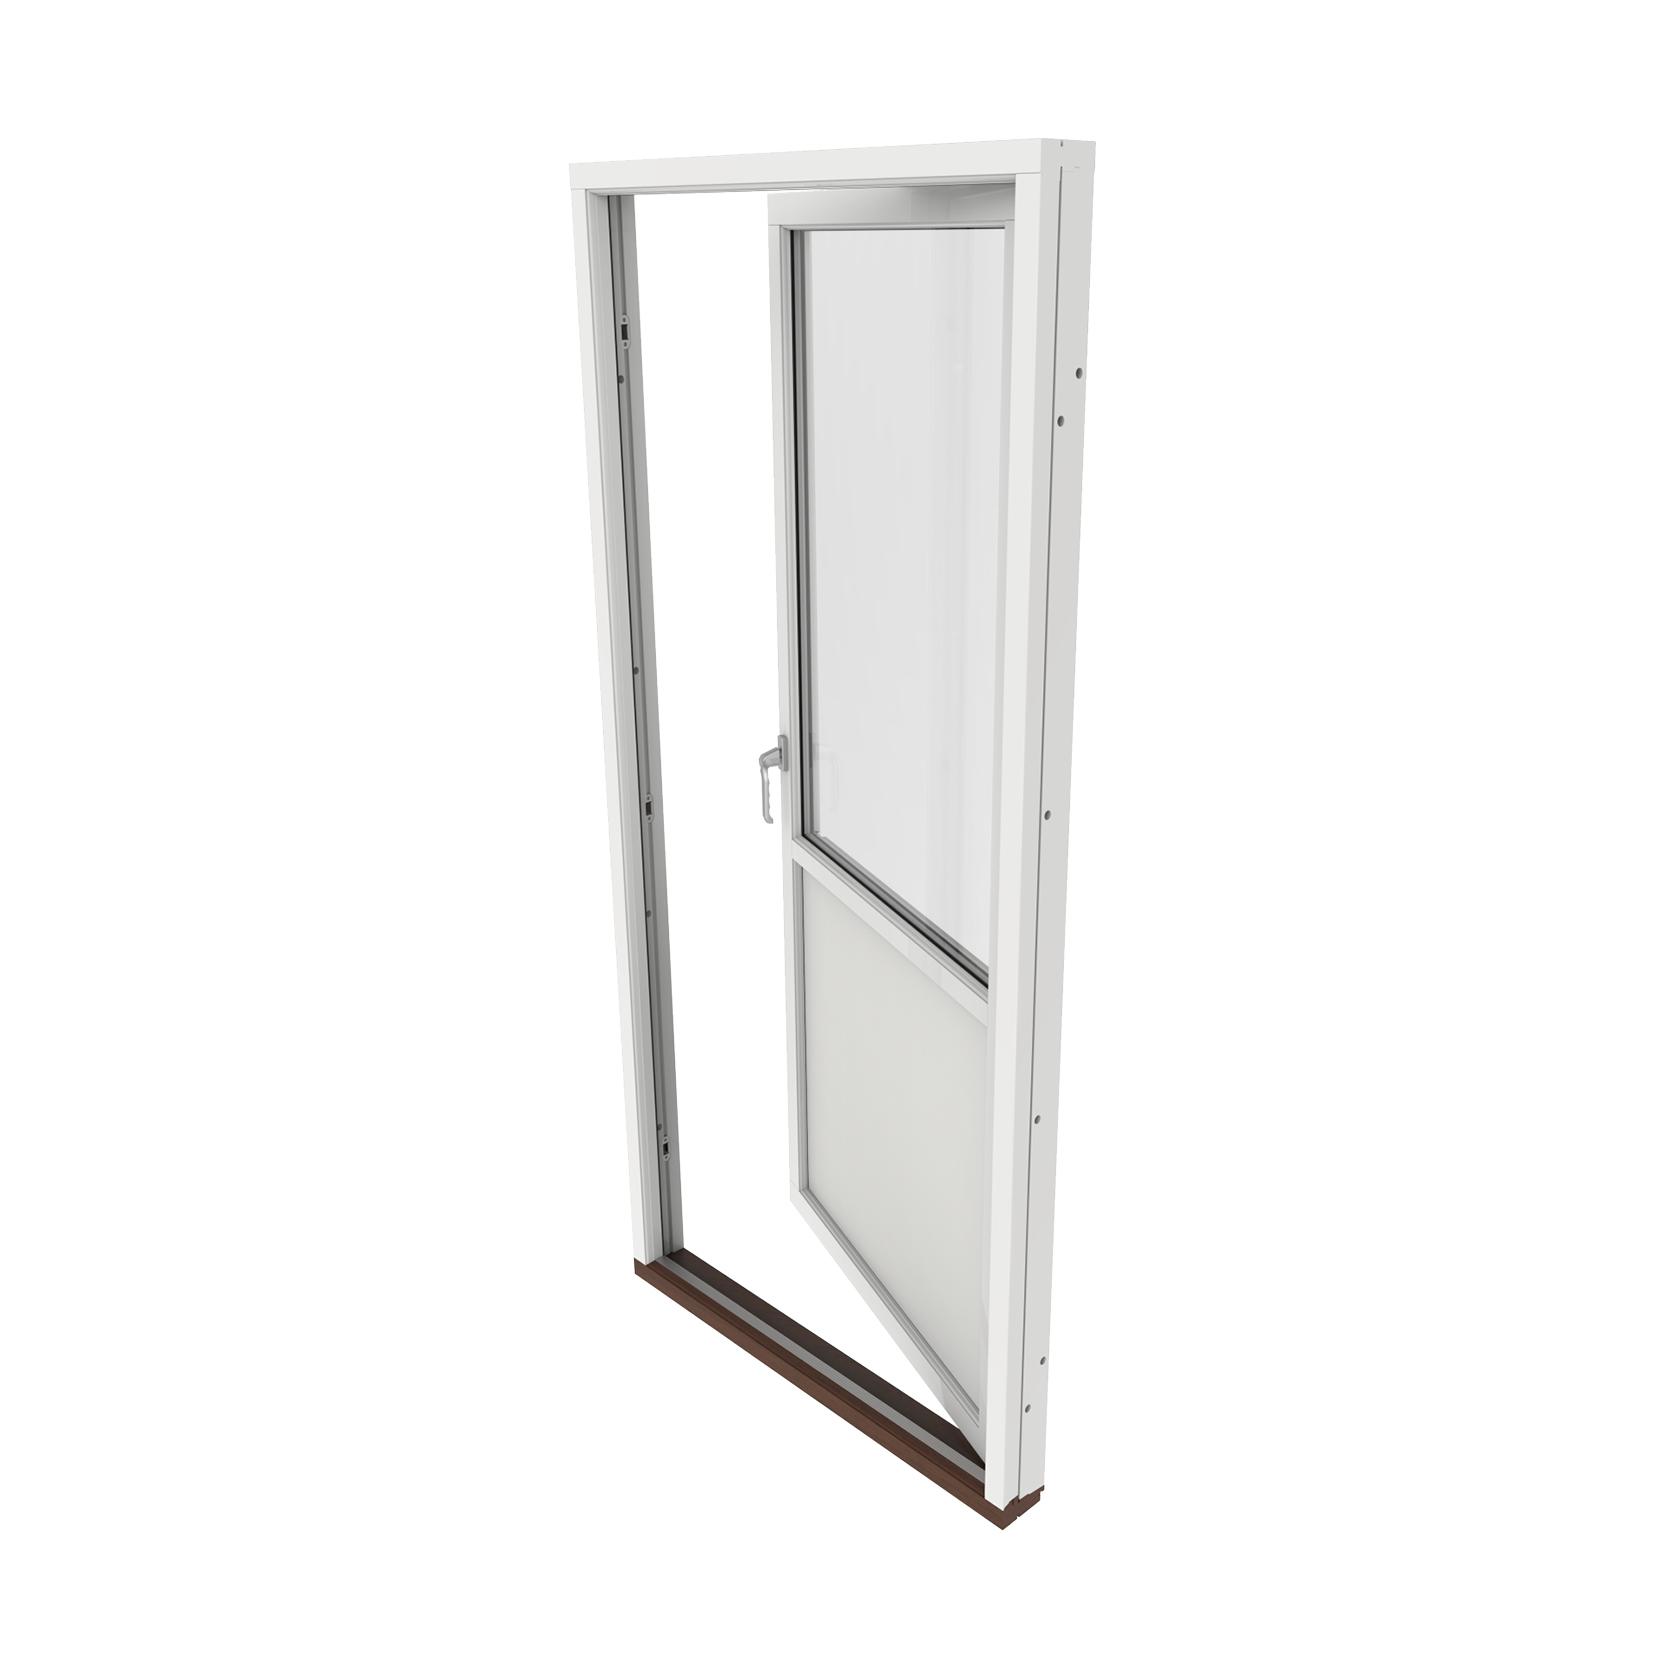 Enkel Altan/Balkongdörr 2 Glas – Trä – Outline – Kort leveranstid